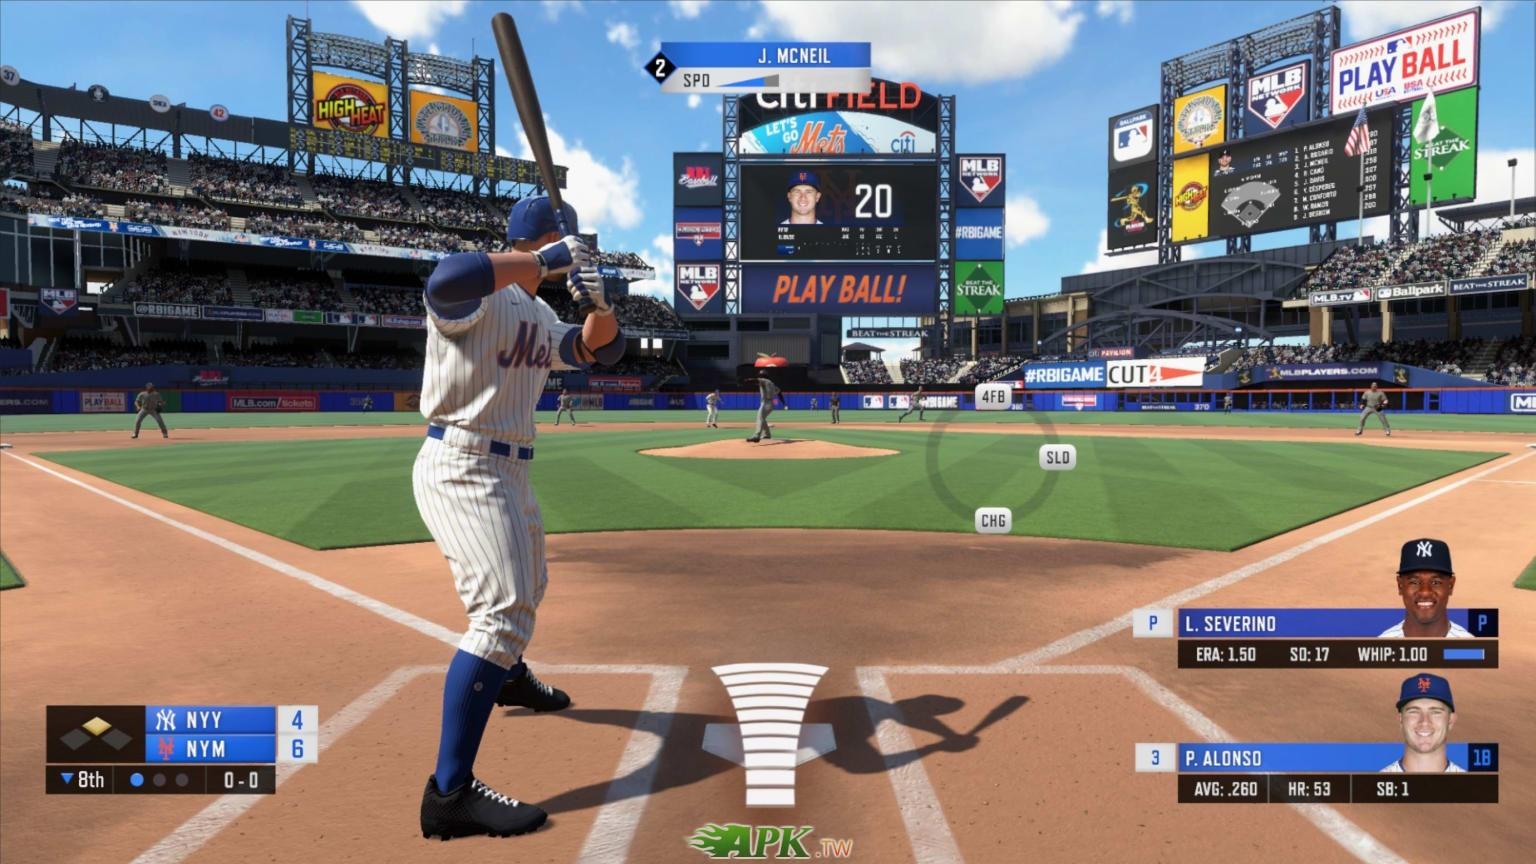 rbi-baseball-21-3.jpg